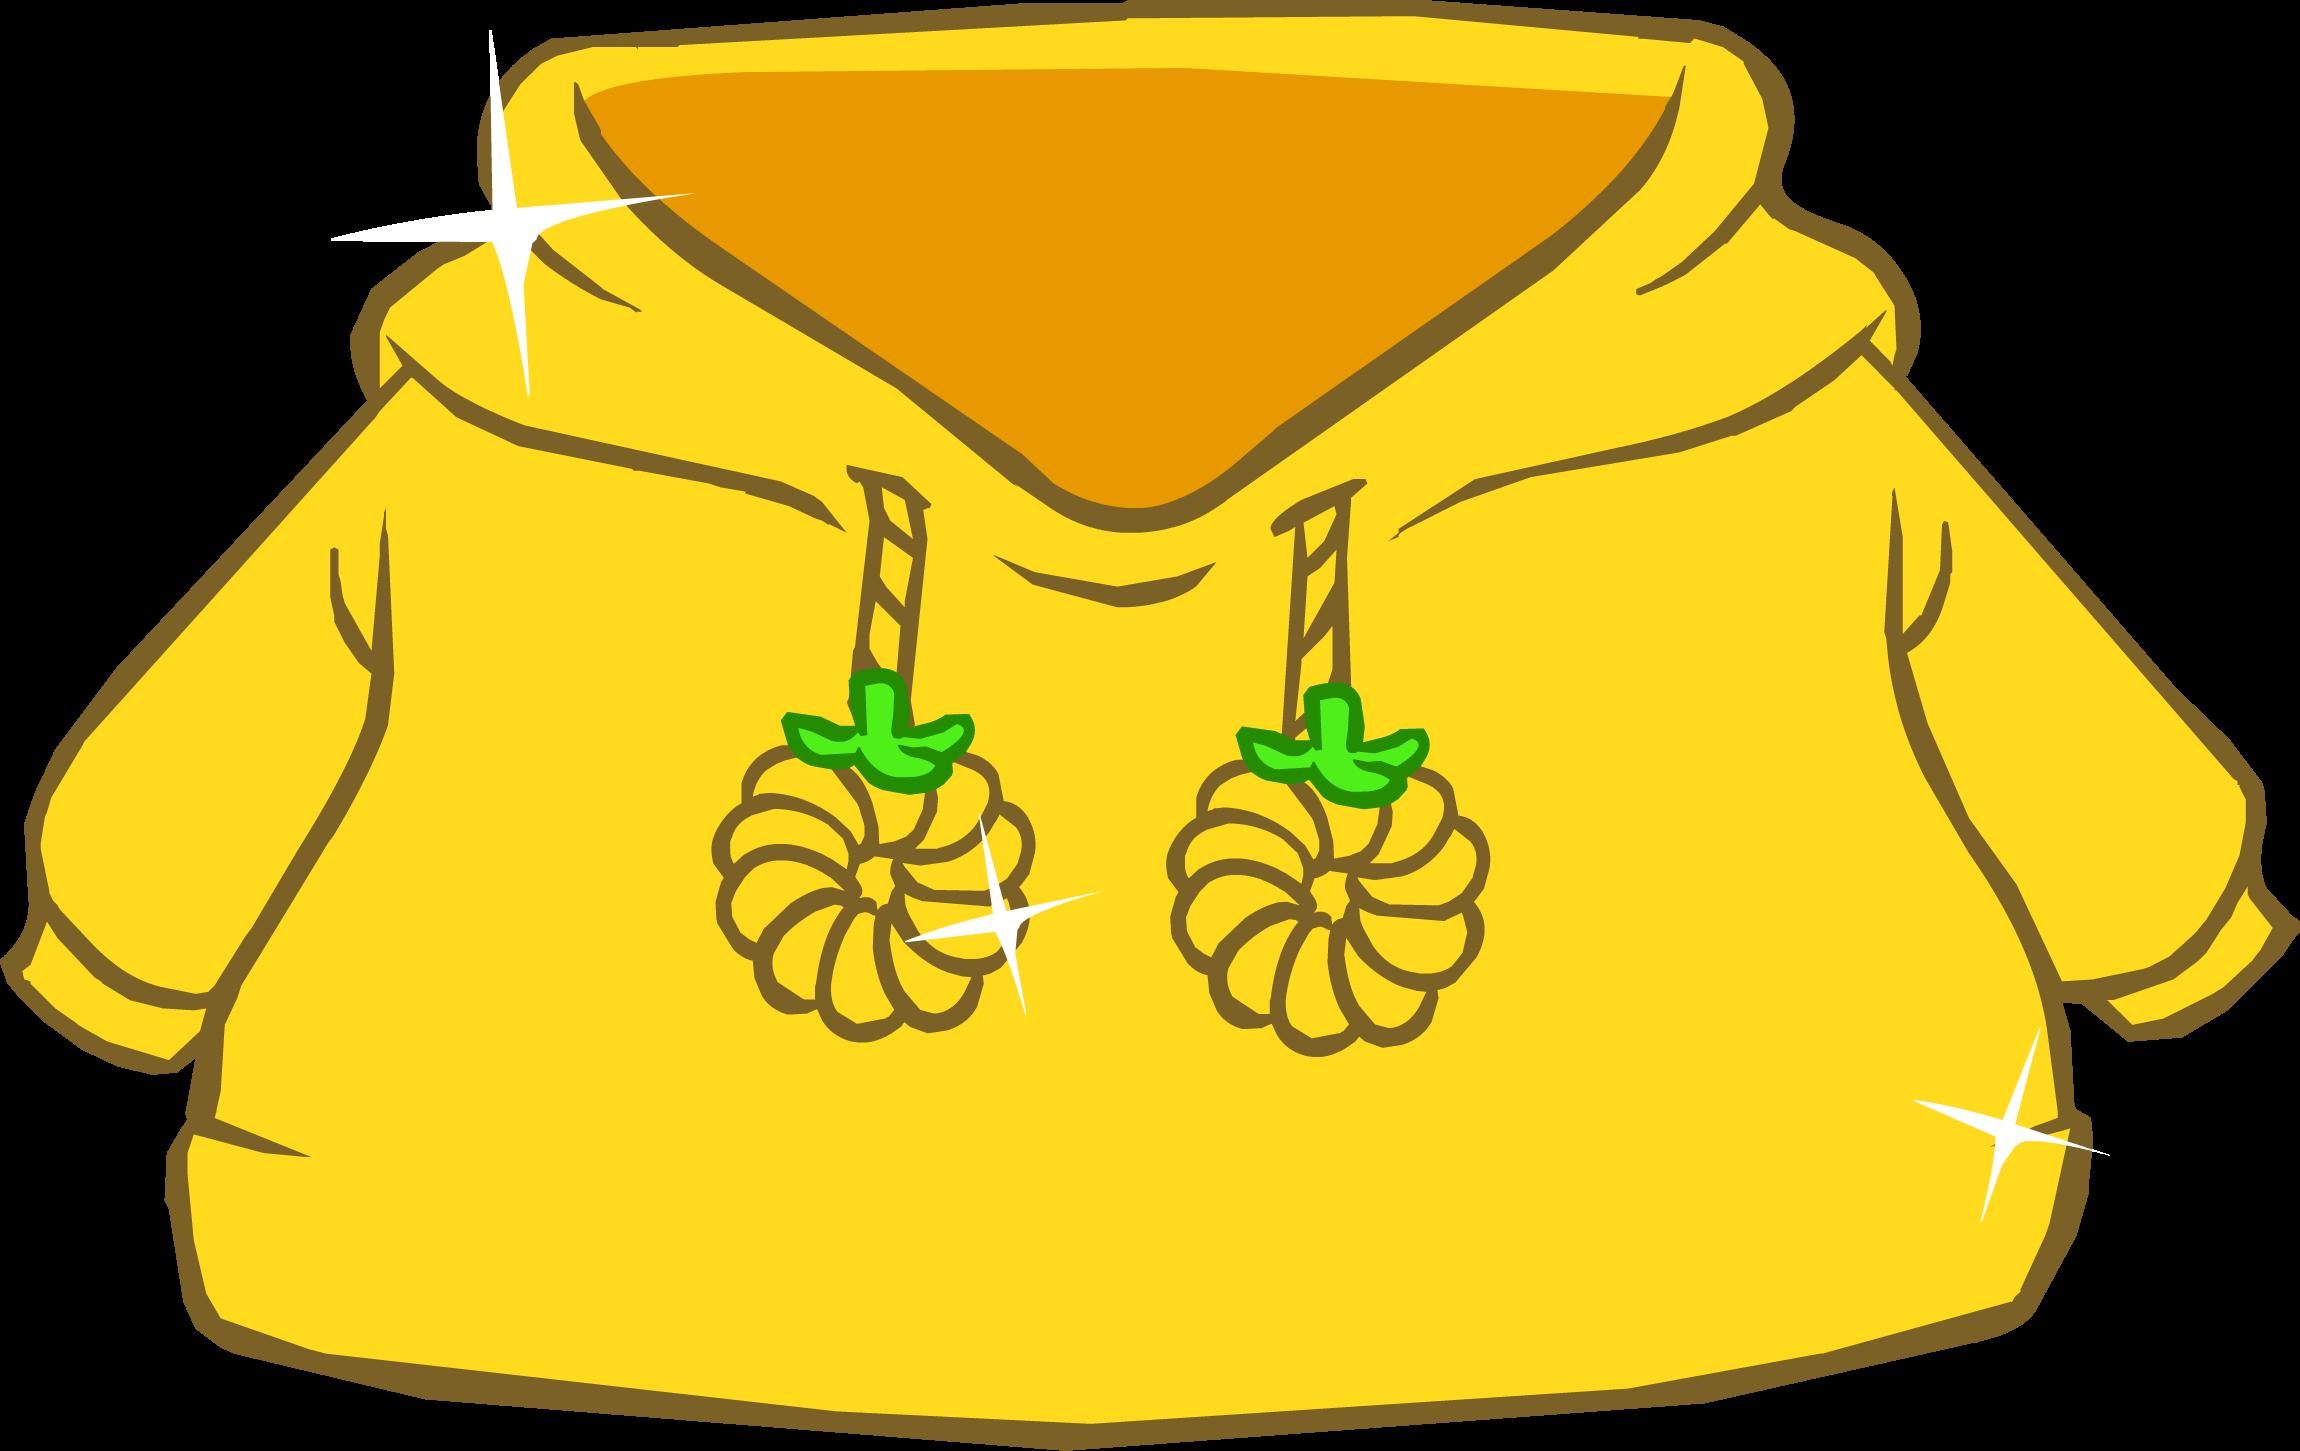 Cangurito de Puffito Dorado